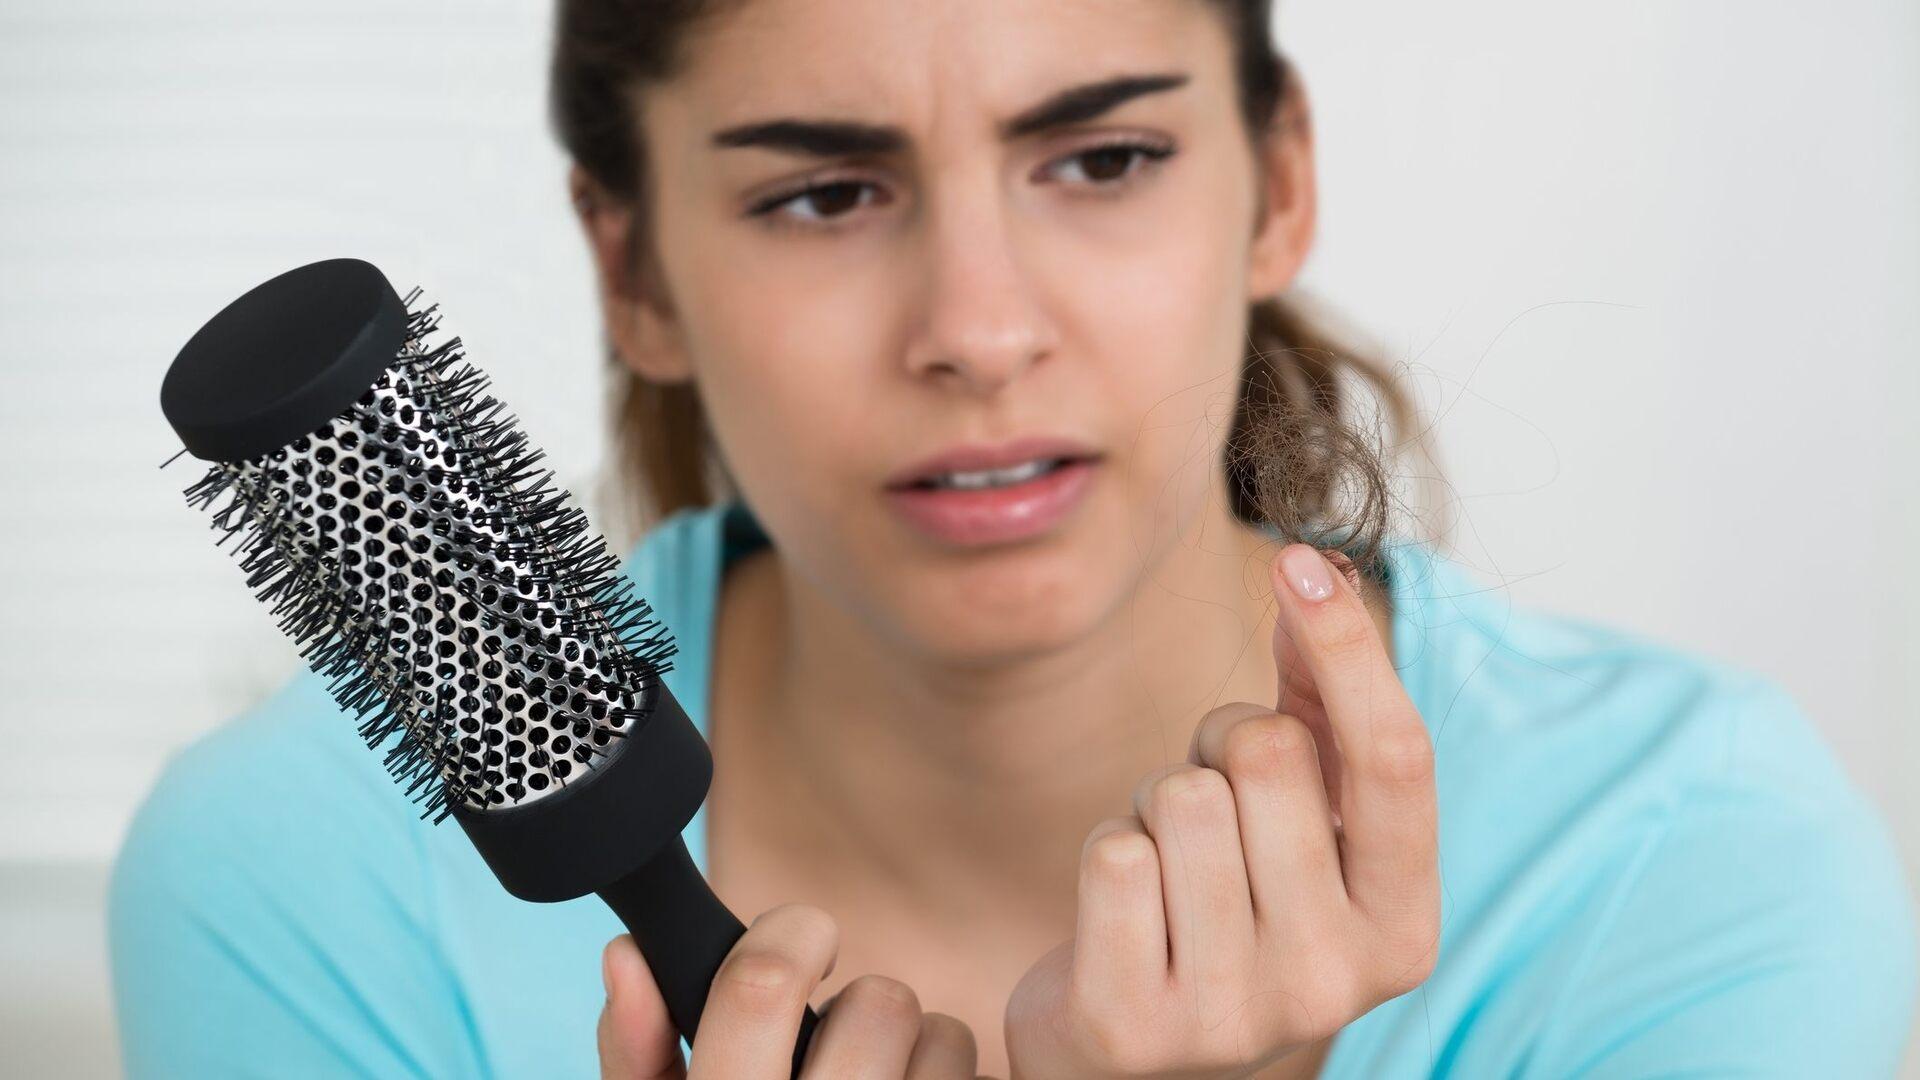 Mulher com problema de queda de cabelo